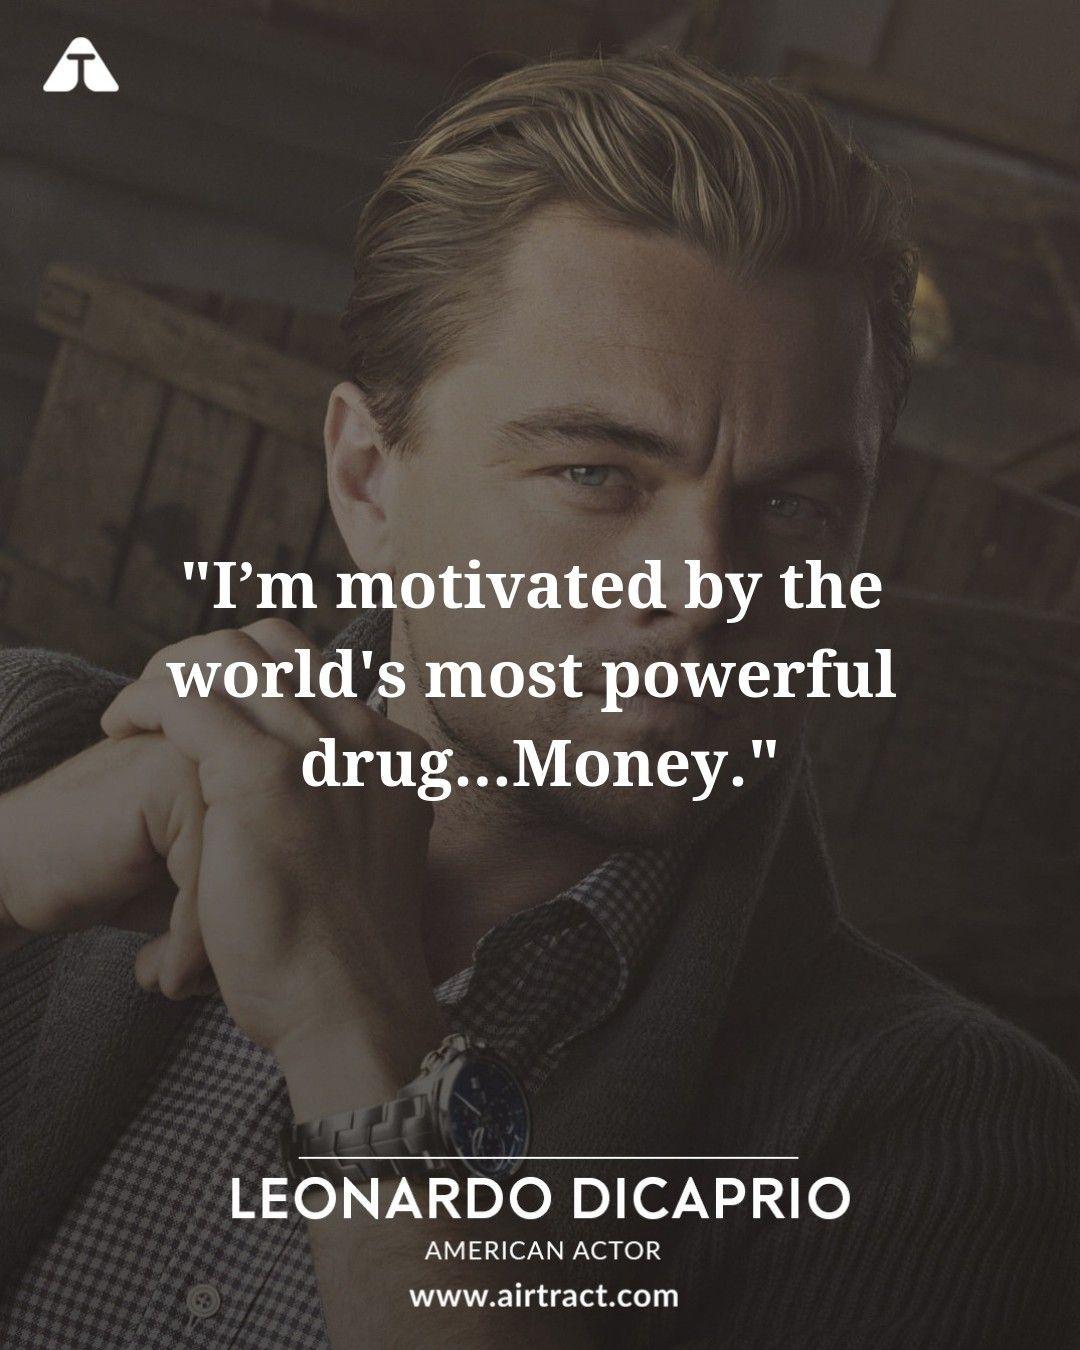 Leonardo Dicaprio In 2020 Leonardo Dicaprio Quotes Leonardo Dicaprio Leonardo Dicaprio Funny